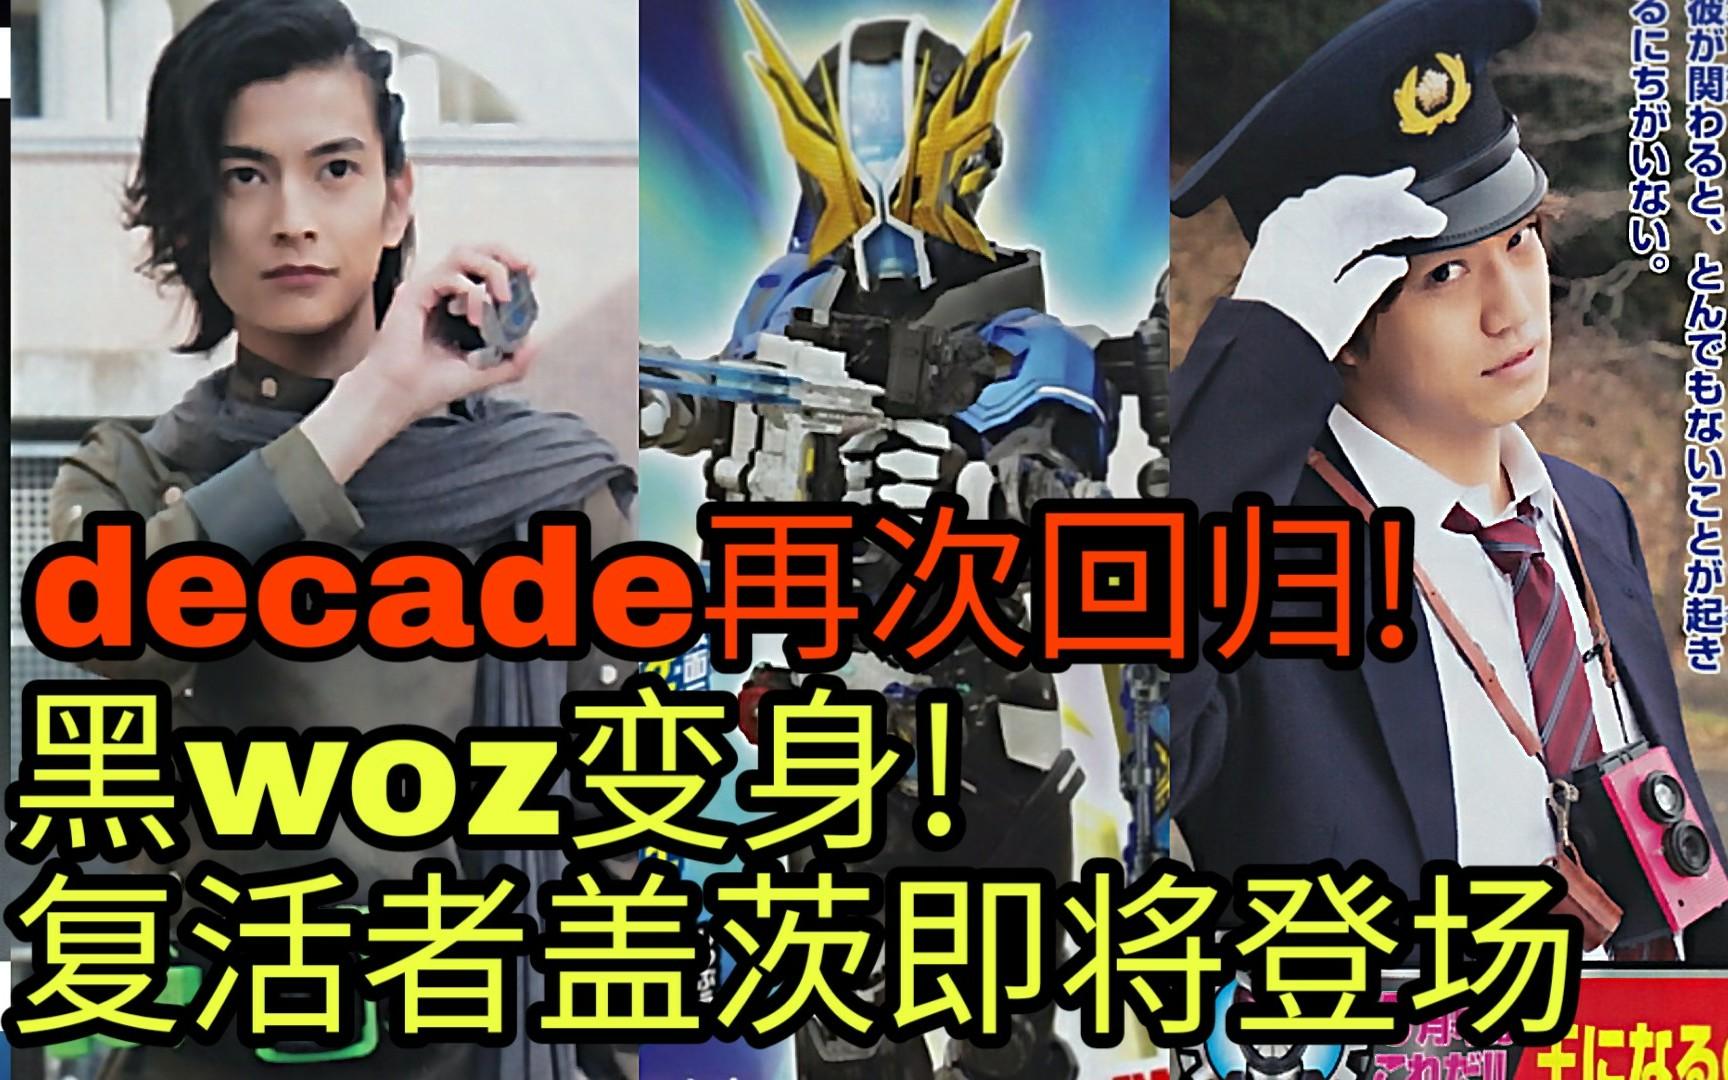 假面骑士ZIO decade小明再次回归 黑woz变身!复活者盖茨即将登场!